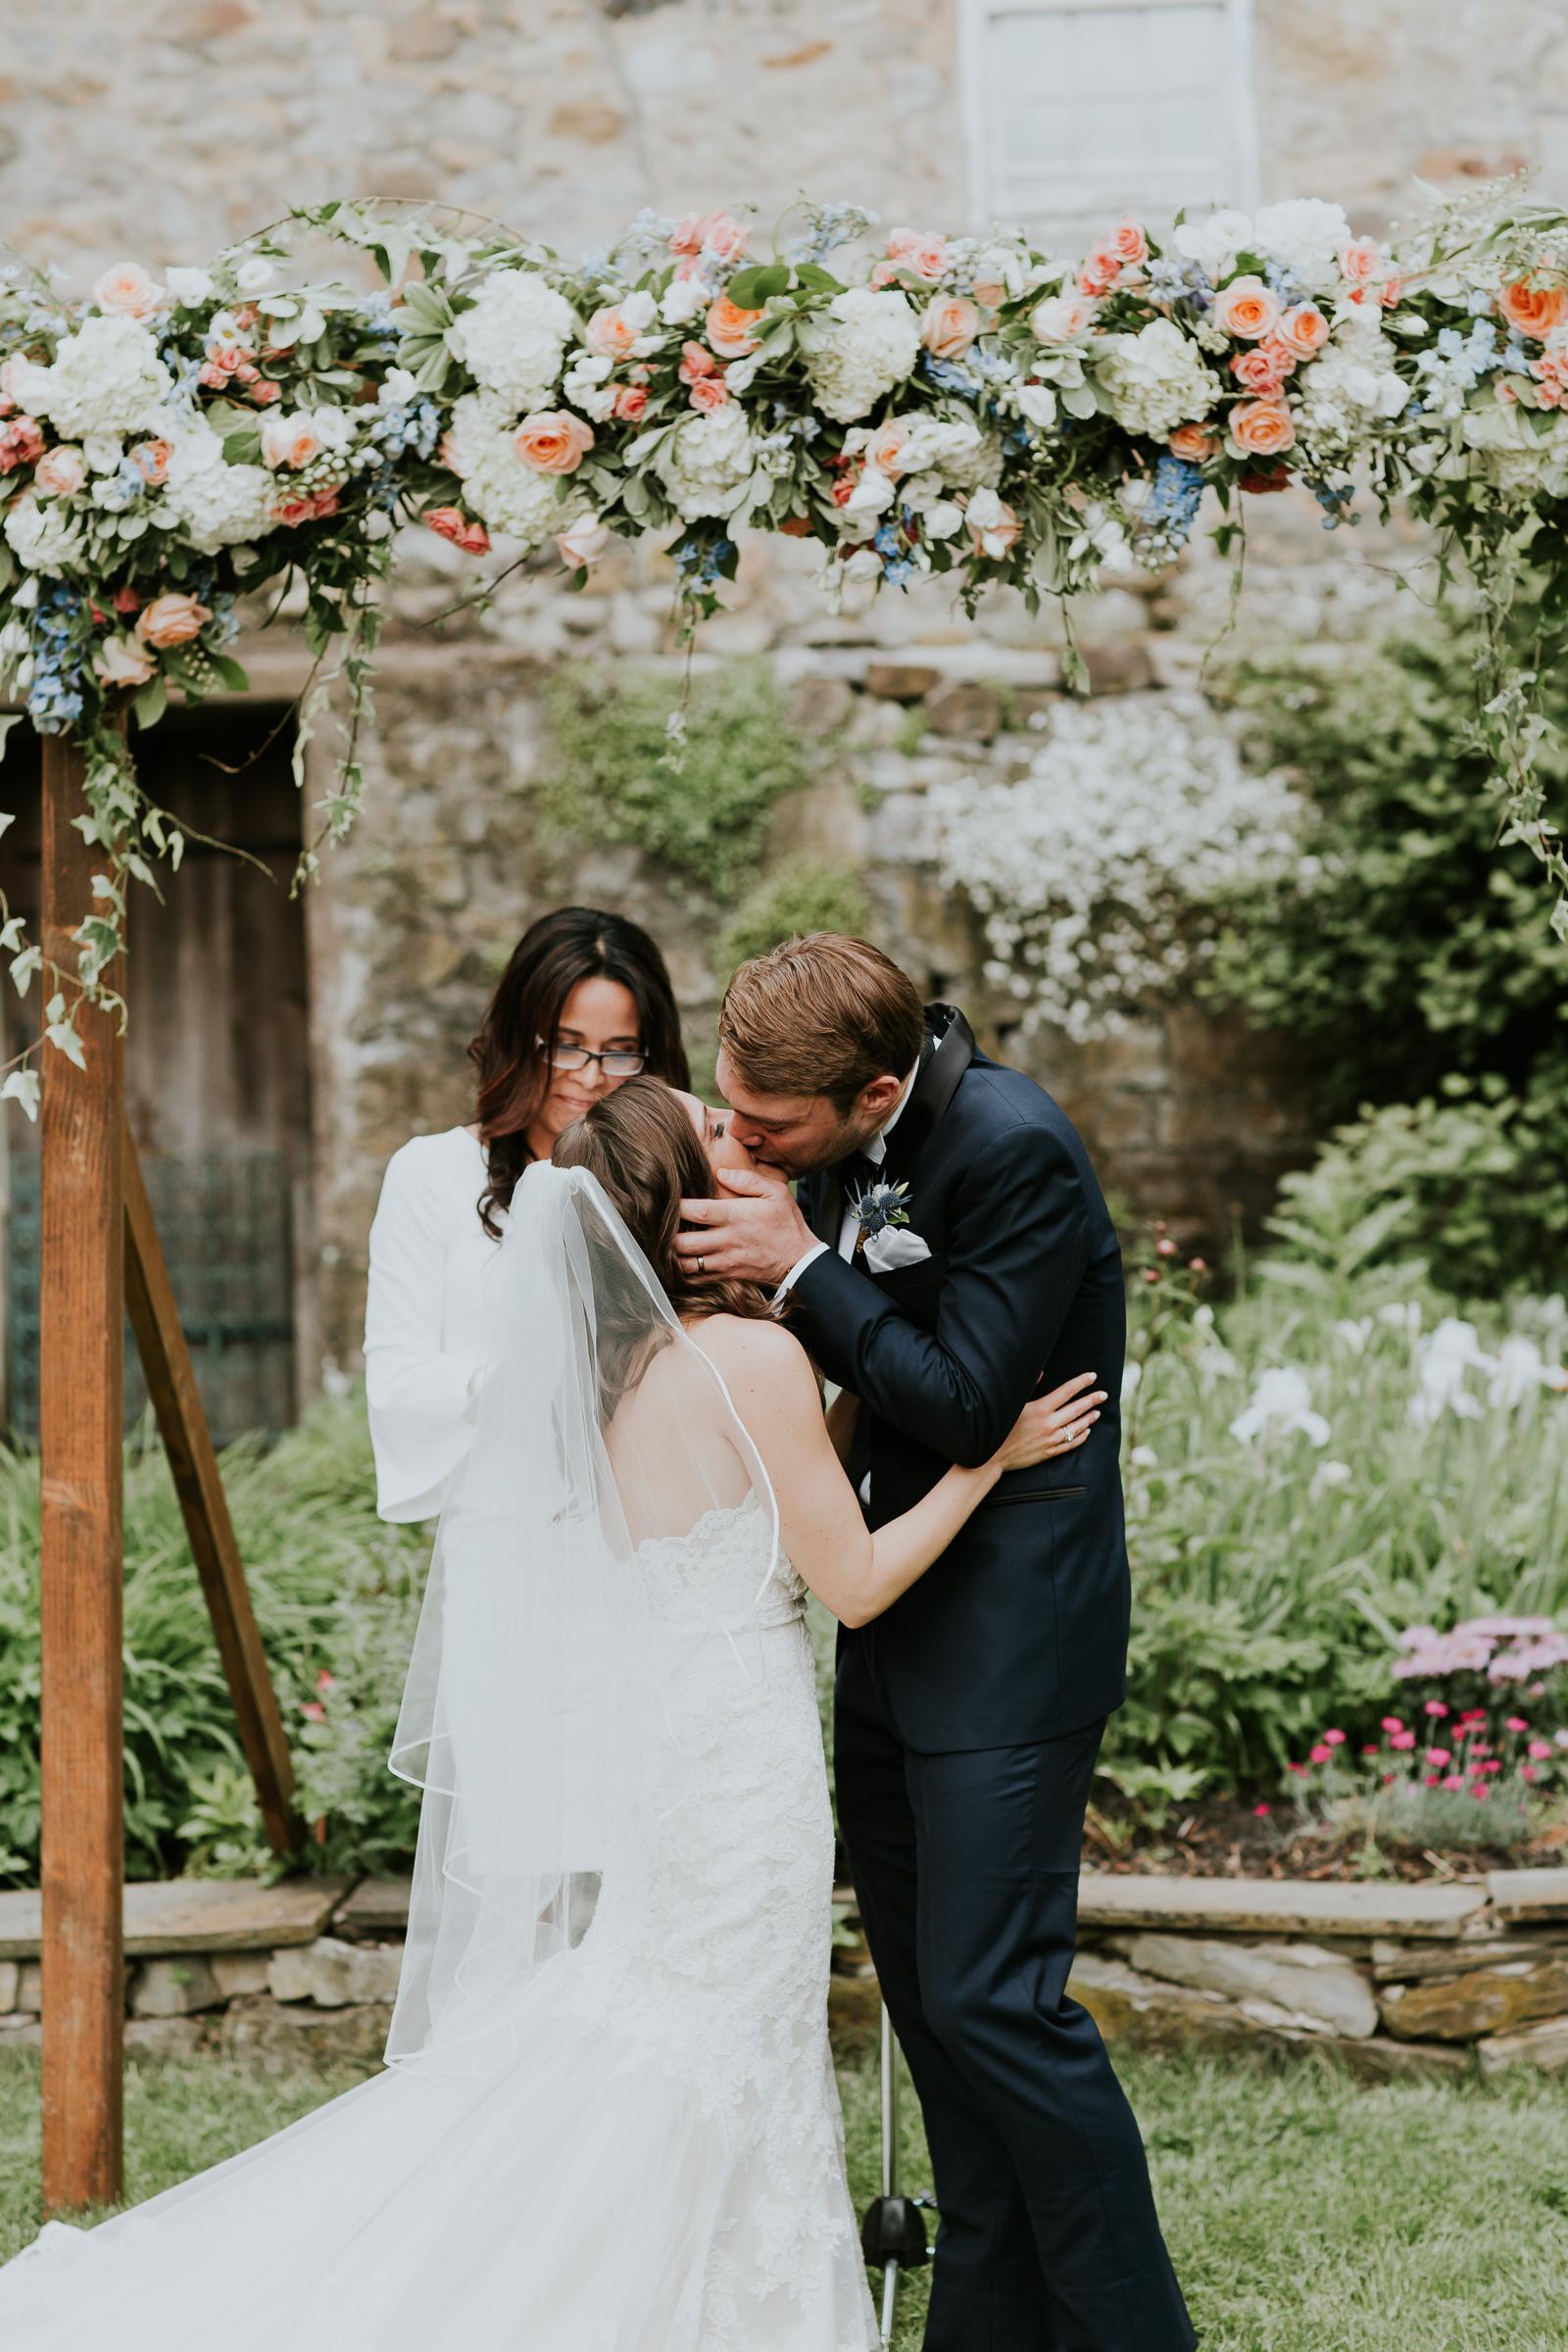 Crossed-Keys-Estate-Andover-NJ-Fine-Art-Documentary-Wedding-Photographer-91.jpg